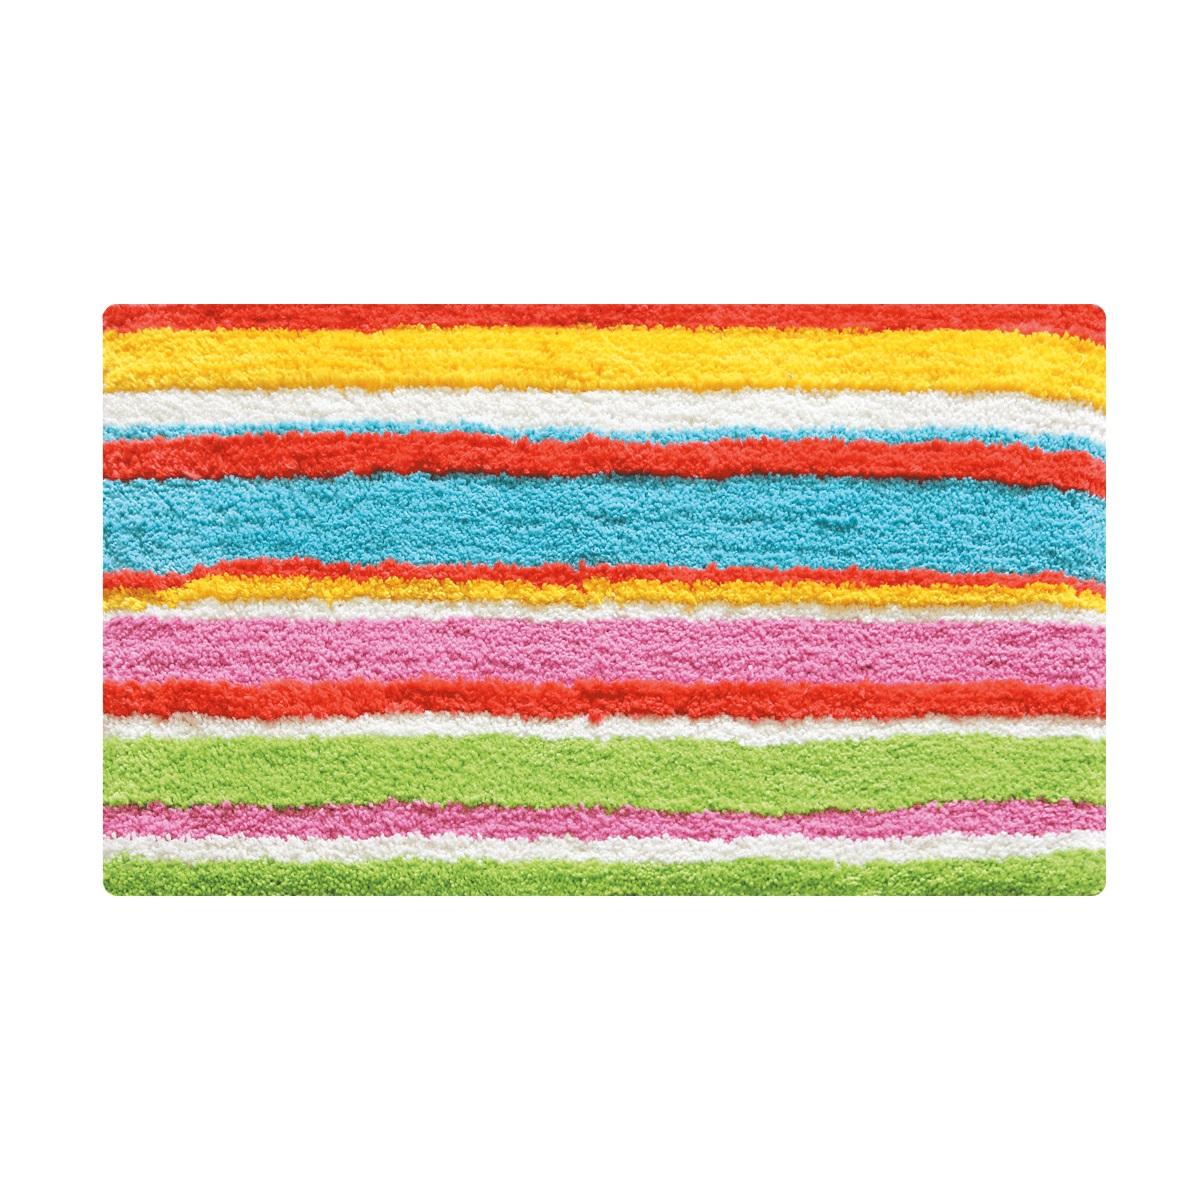 Коврик для ванной Iddis Summer Stripes, цвет: розовый, 50 х 80 см коврик для ванной iddis curved lines 50x80 см 402a580i12